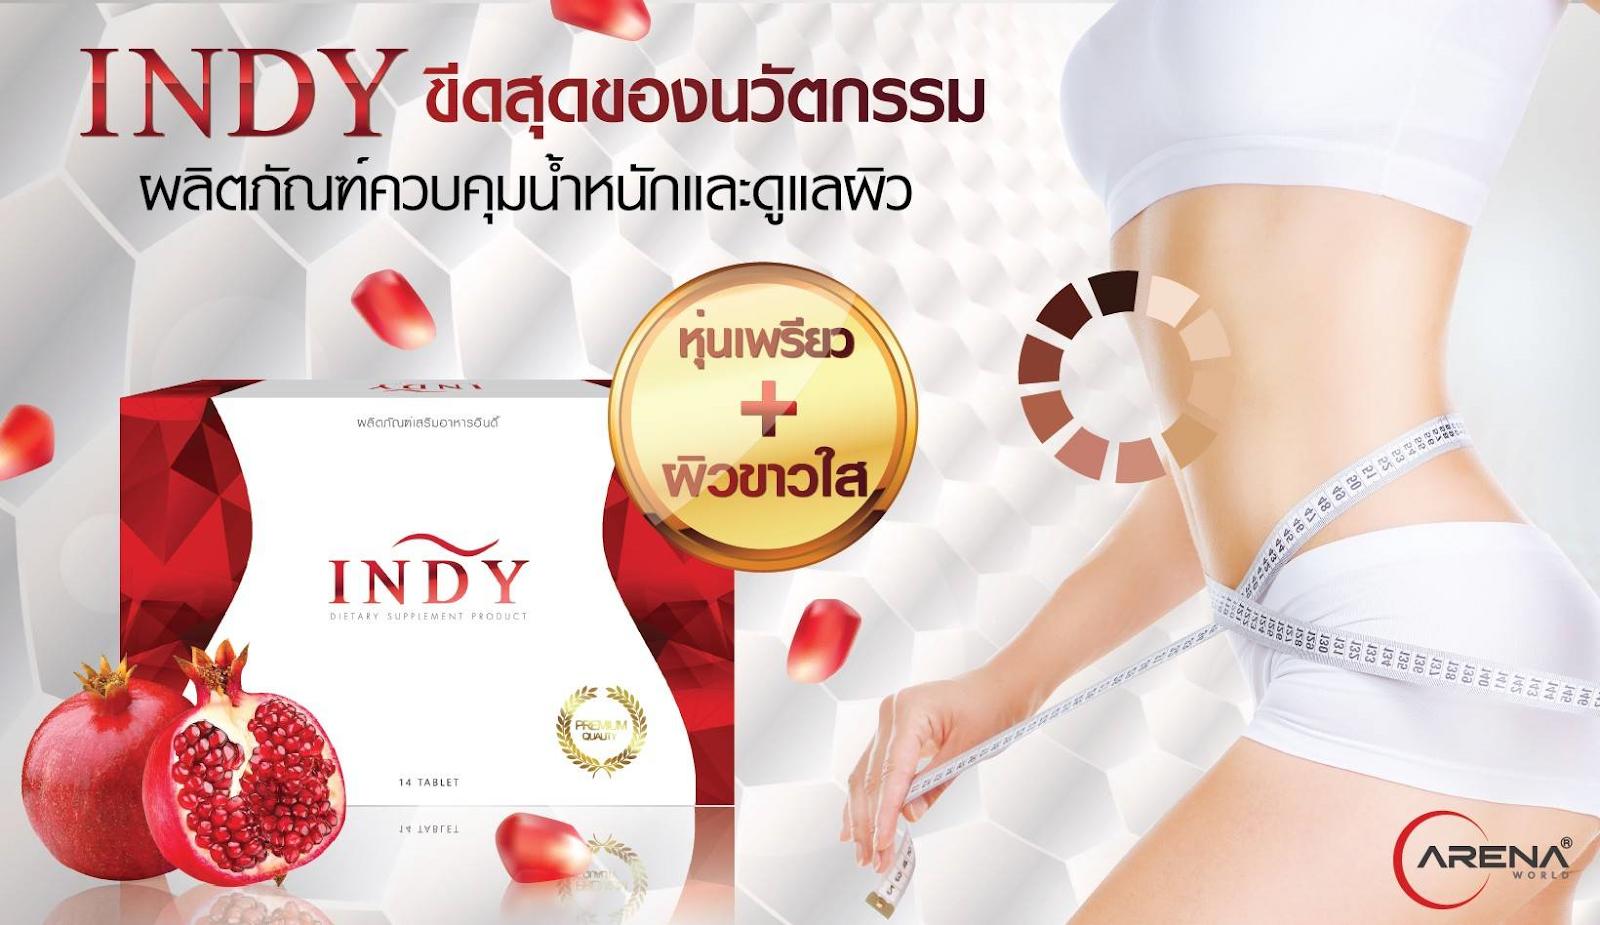 INDY ผลิตภัณฑ์ควบคุมน้ำหนักและดูแลผิว